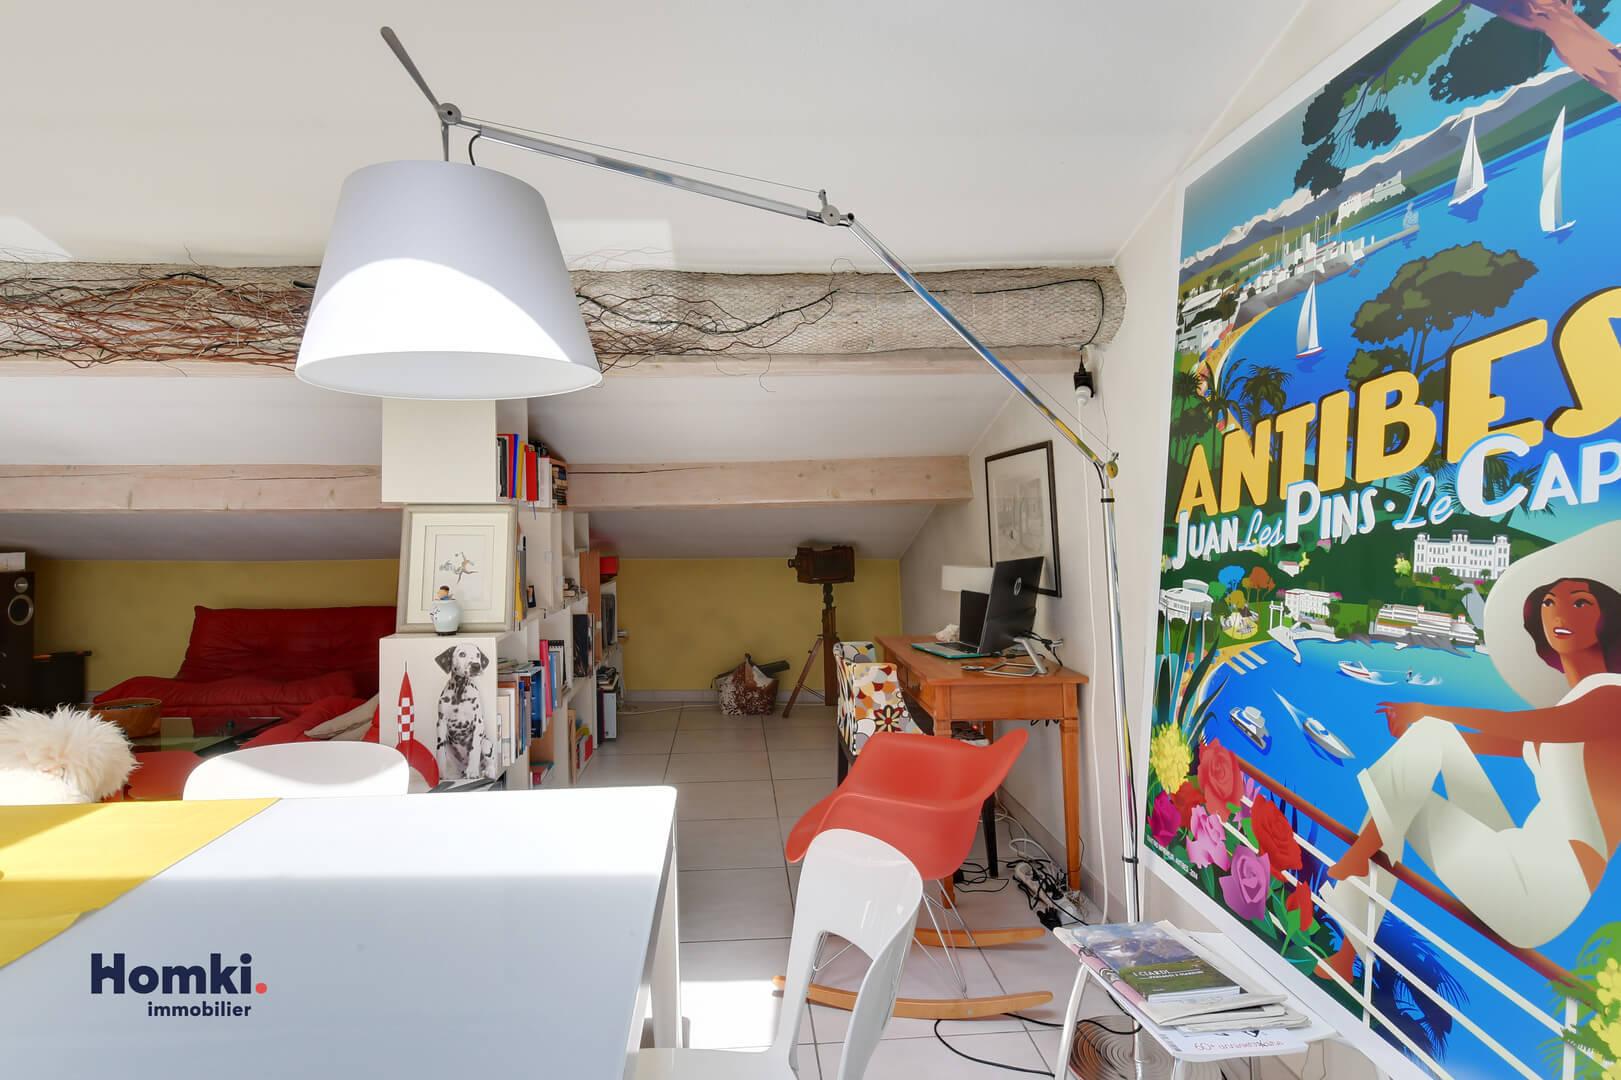 Vente appartement duplex Antibes 06600 T4 90m²_4